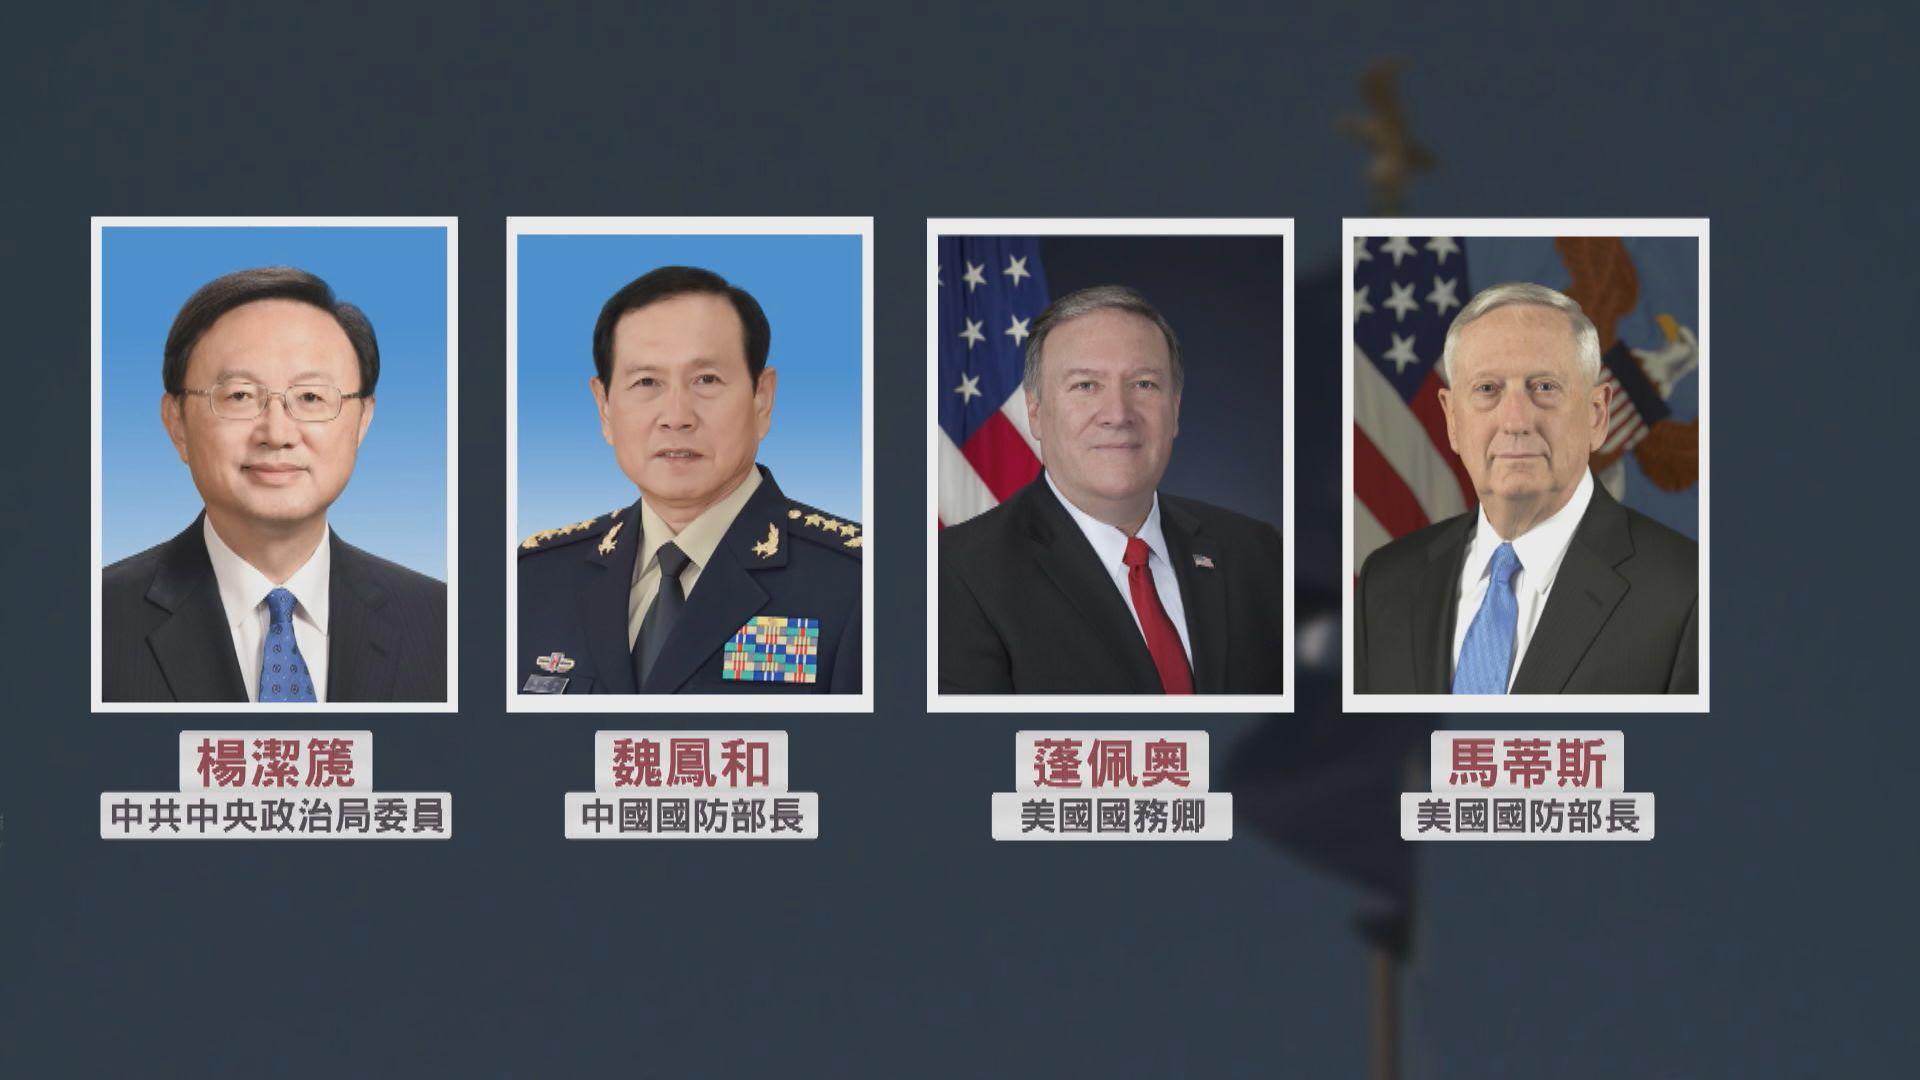 中美對話料商北韓及戰略安全問題